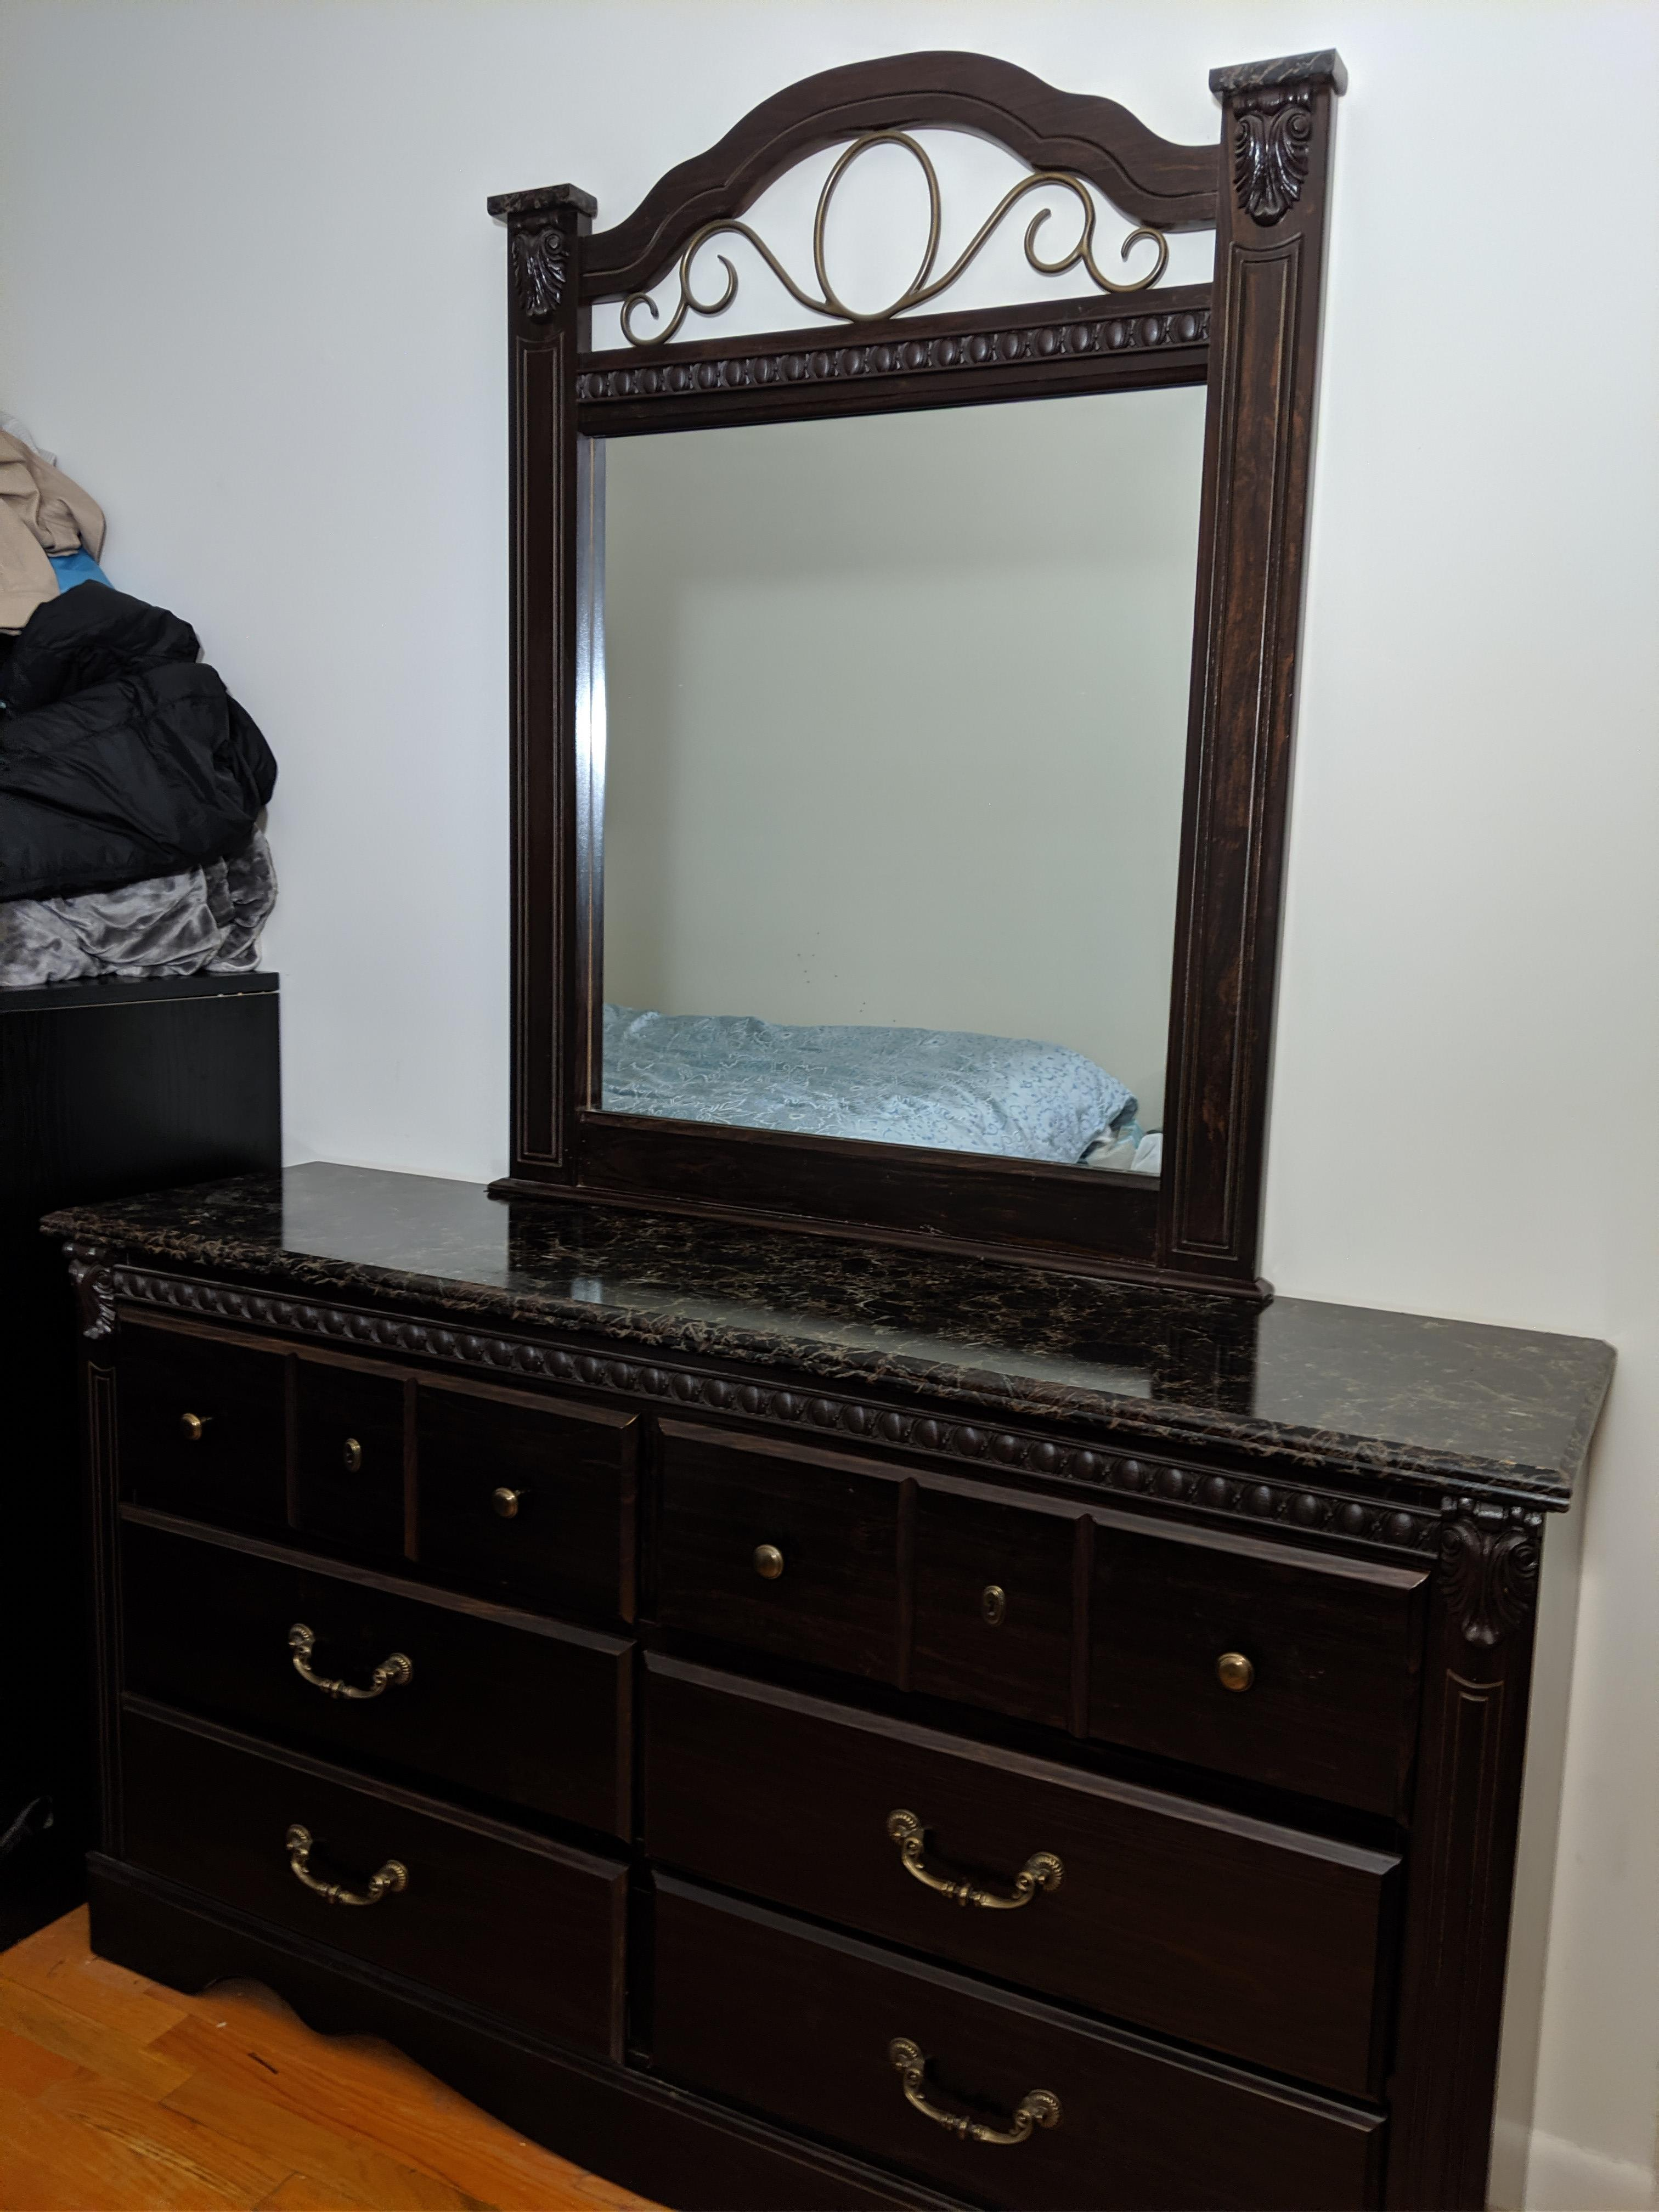 Bob's Marble Top 6 Drawer Wooden Dresser w/ Mirror